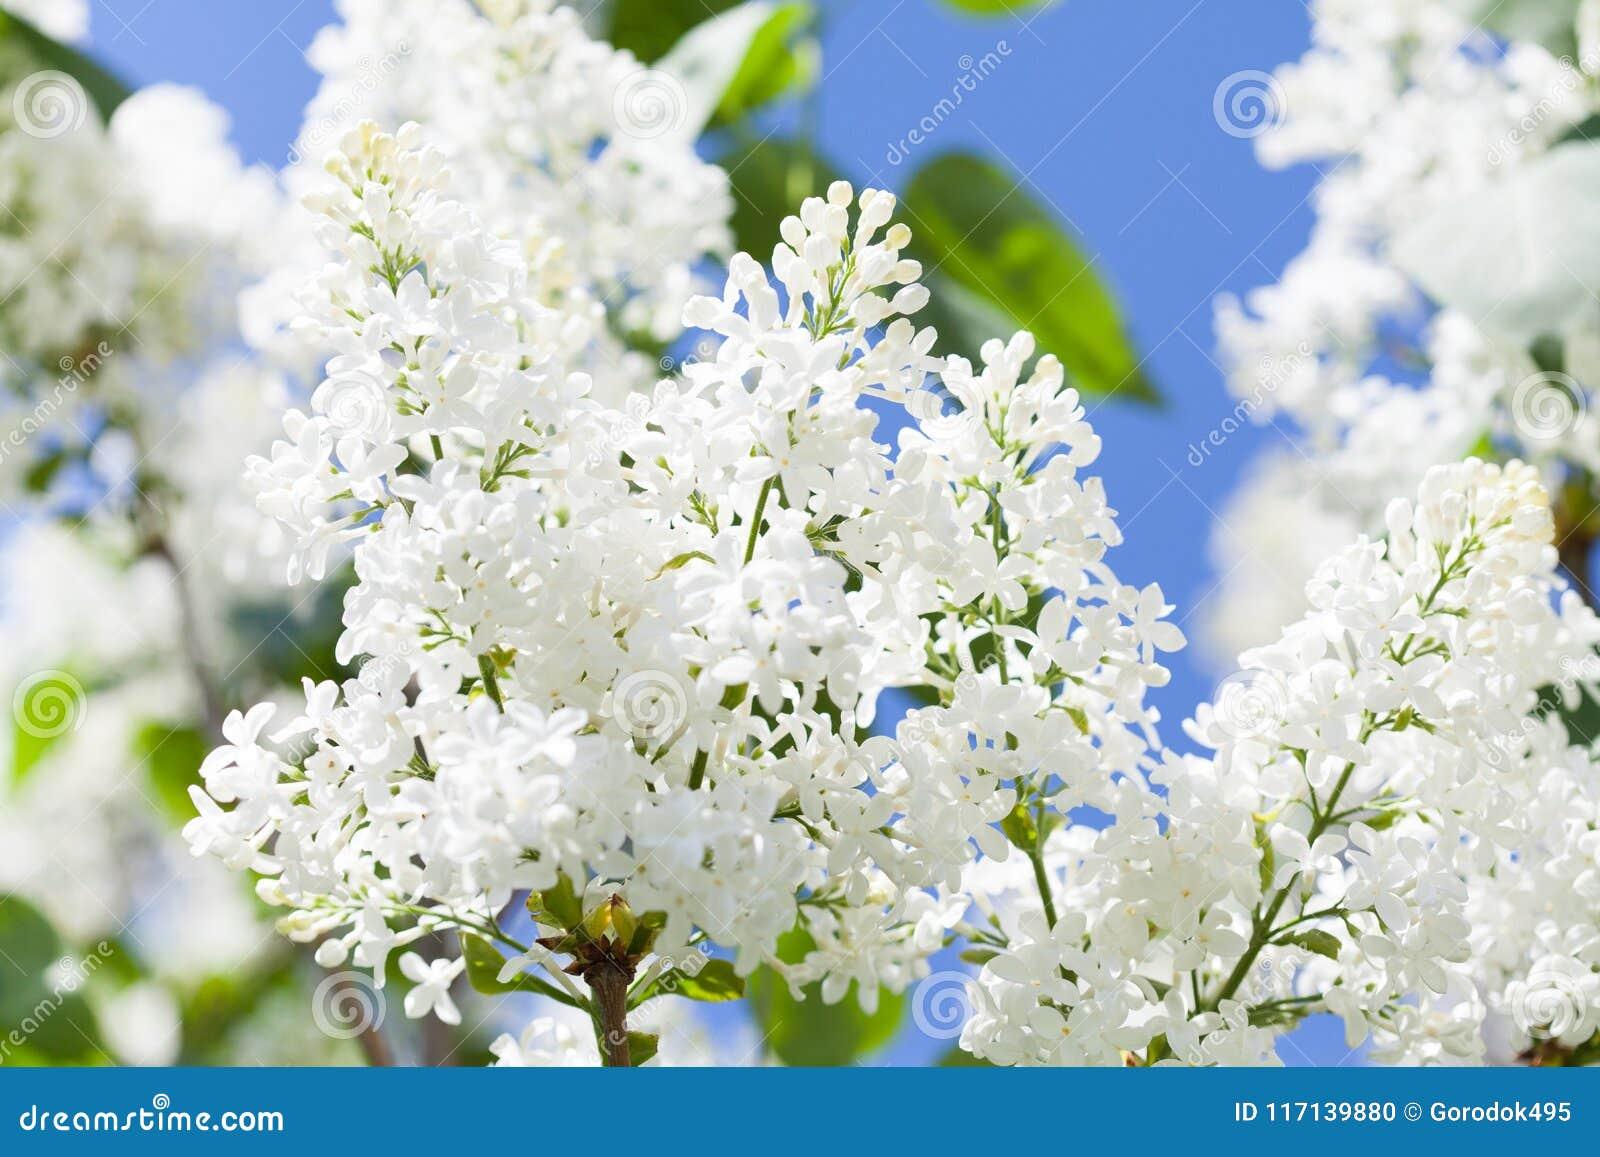 开花的共同的紫丁香属植物寻常的淡紫色灌木白色培育品种 与束的春天风景嫩花 百合